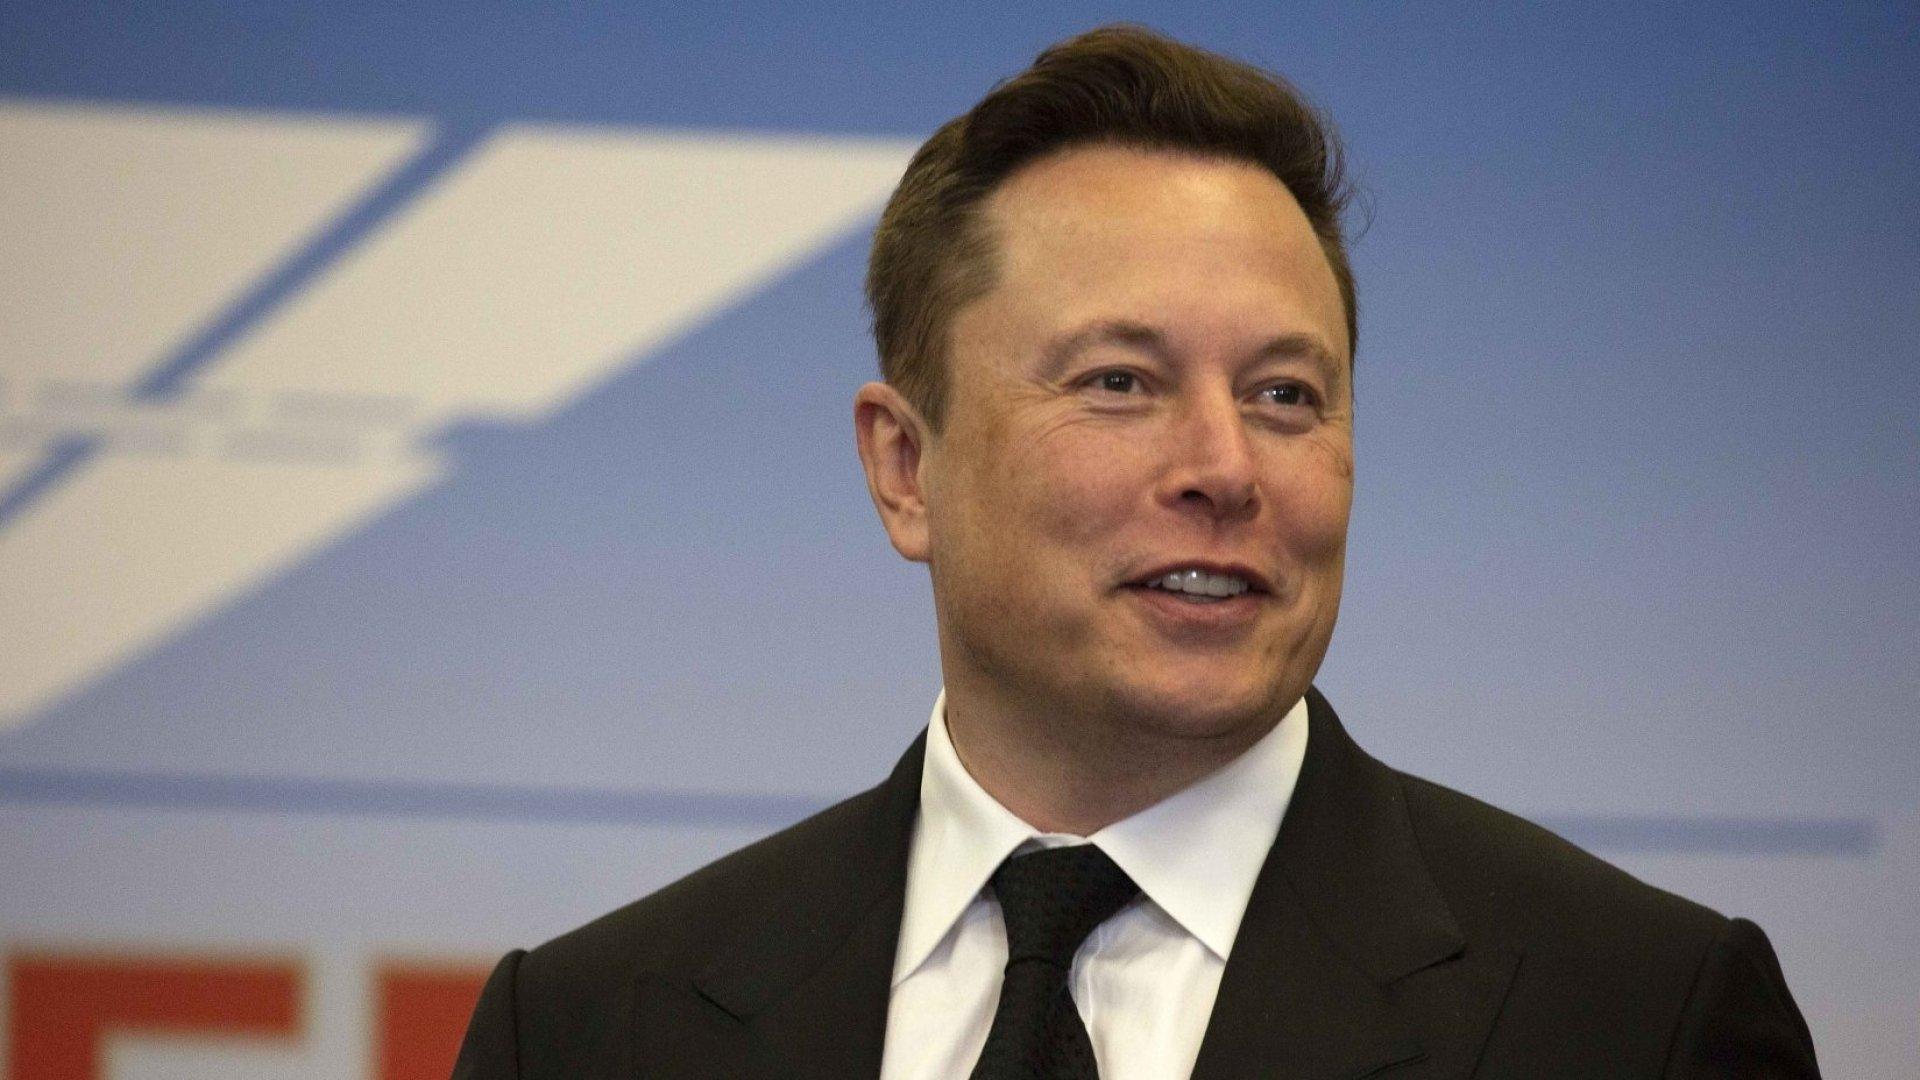 Elon Musk da negativo y positivo a pruebas de coronavirus el mismo día